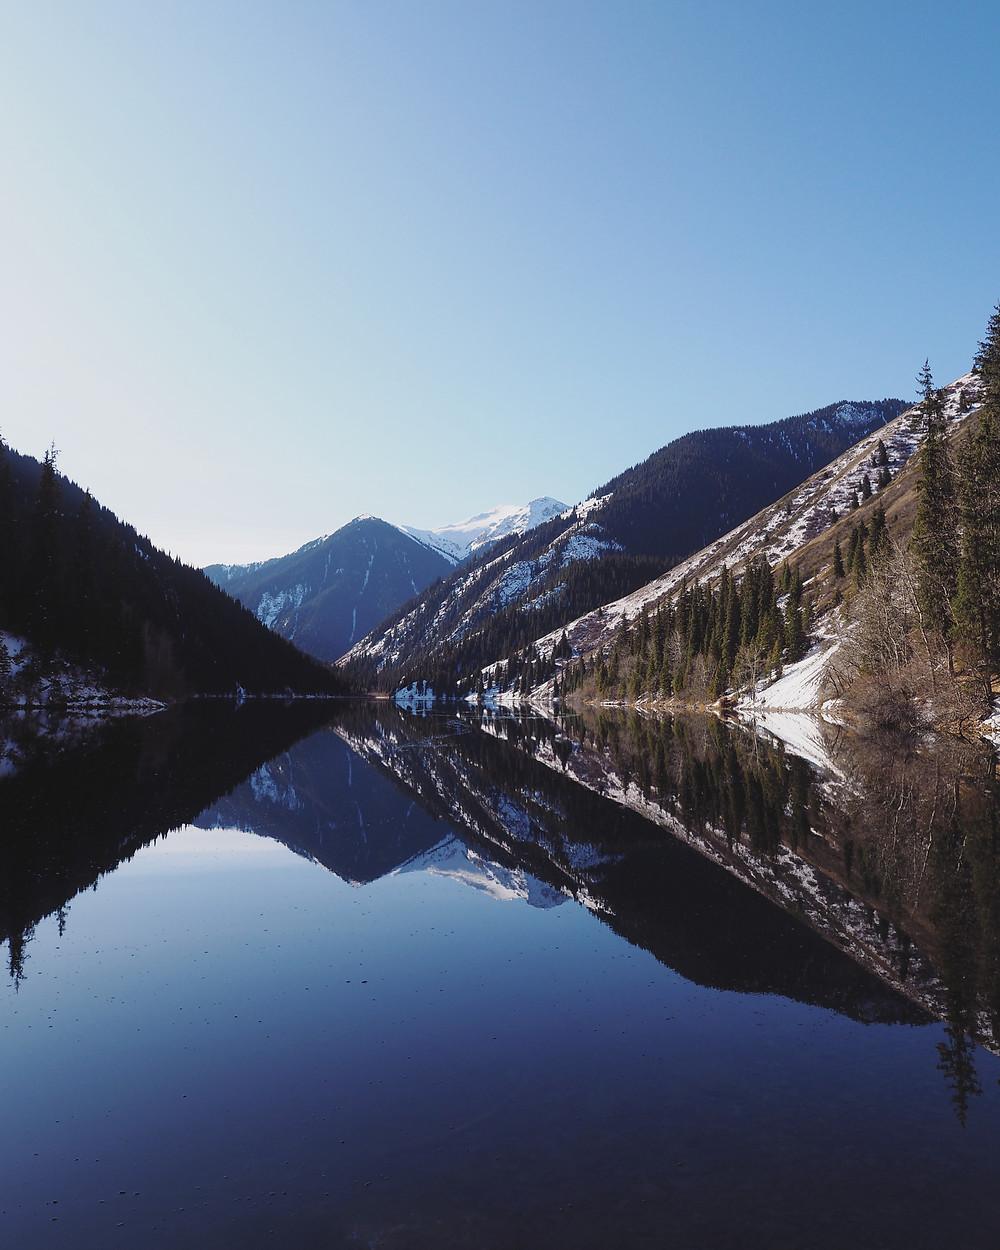 Kolsai 第一湖平静得像一面镜子。